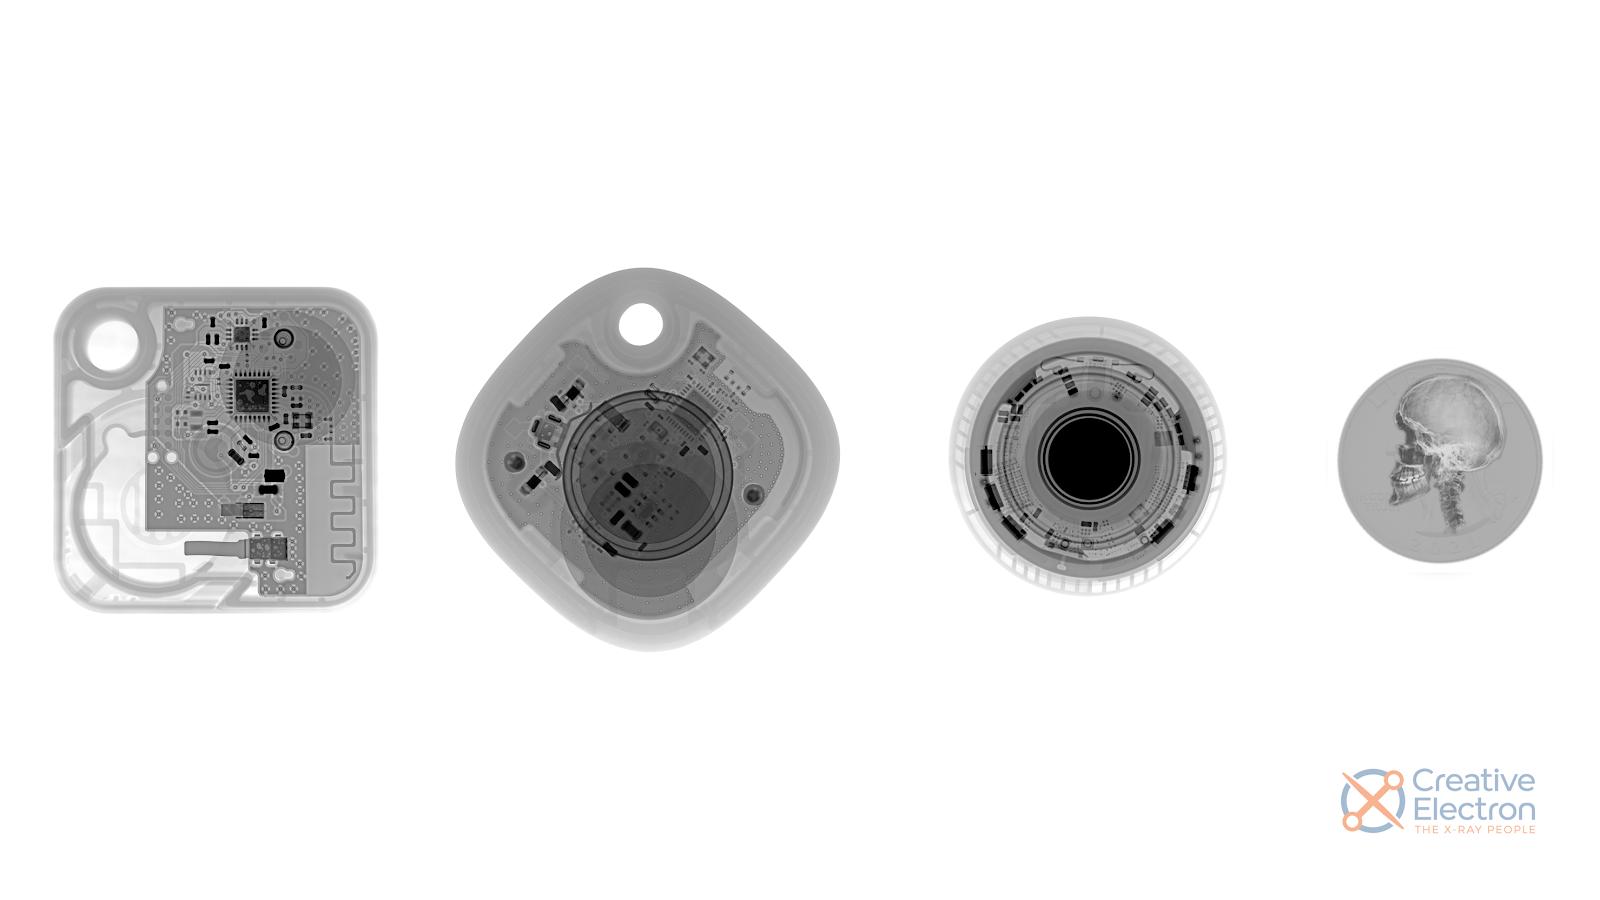 Рентгеновские снимки Tile Mate, Galaxy SmartTag, Apple AirTag, и... да, четверть доллара (но как-то не тянет на законное платёжное средство, не находите?), сделанные с помощью аппарата Creative Electron (на правый крайний не смотрите)